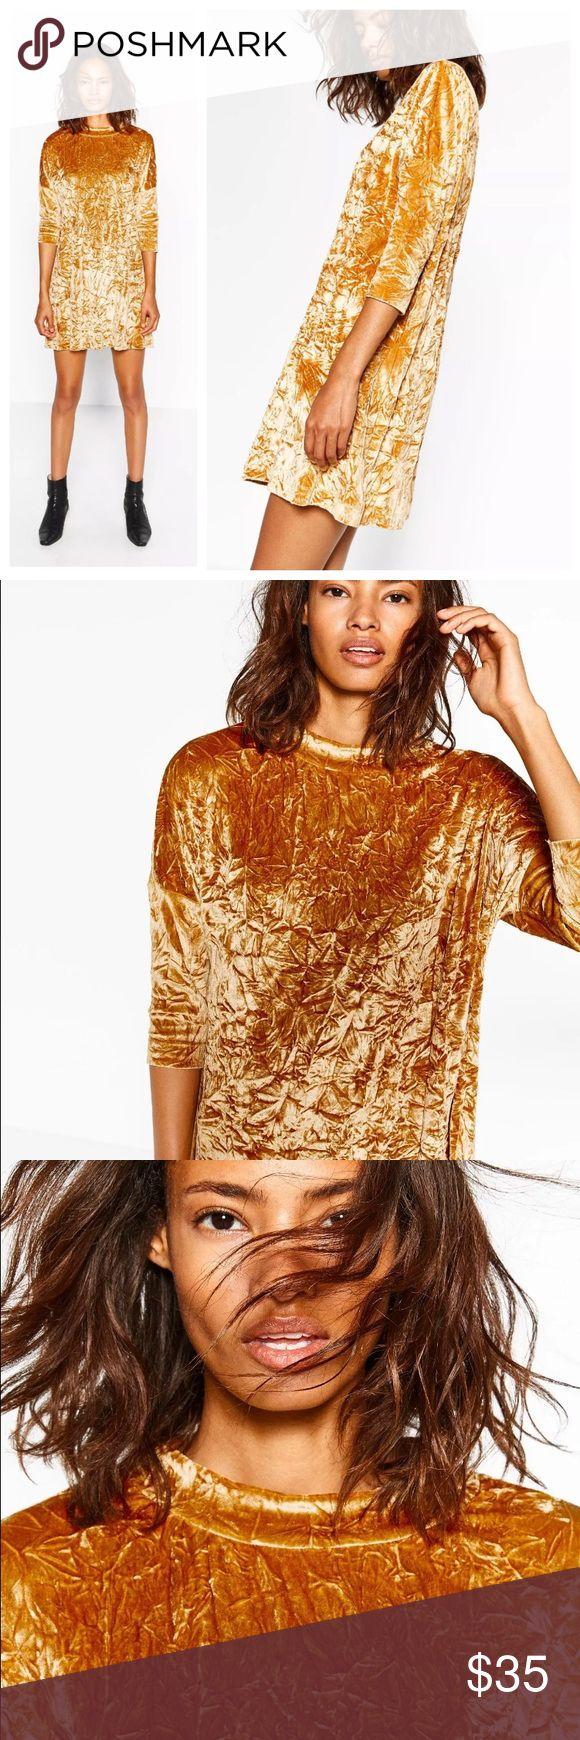 ZARA Velvet Feel Dress Crushed velvet feel sack dress with 3/4 dropped shoulder sleeves and round neckline. 92%poly 8%elastane Zara Dresses